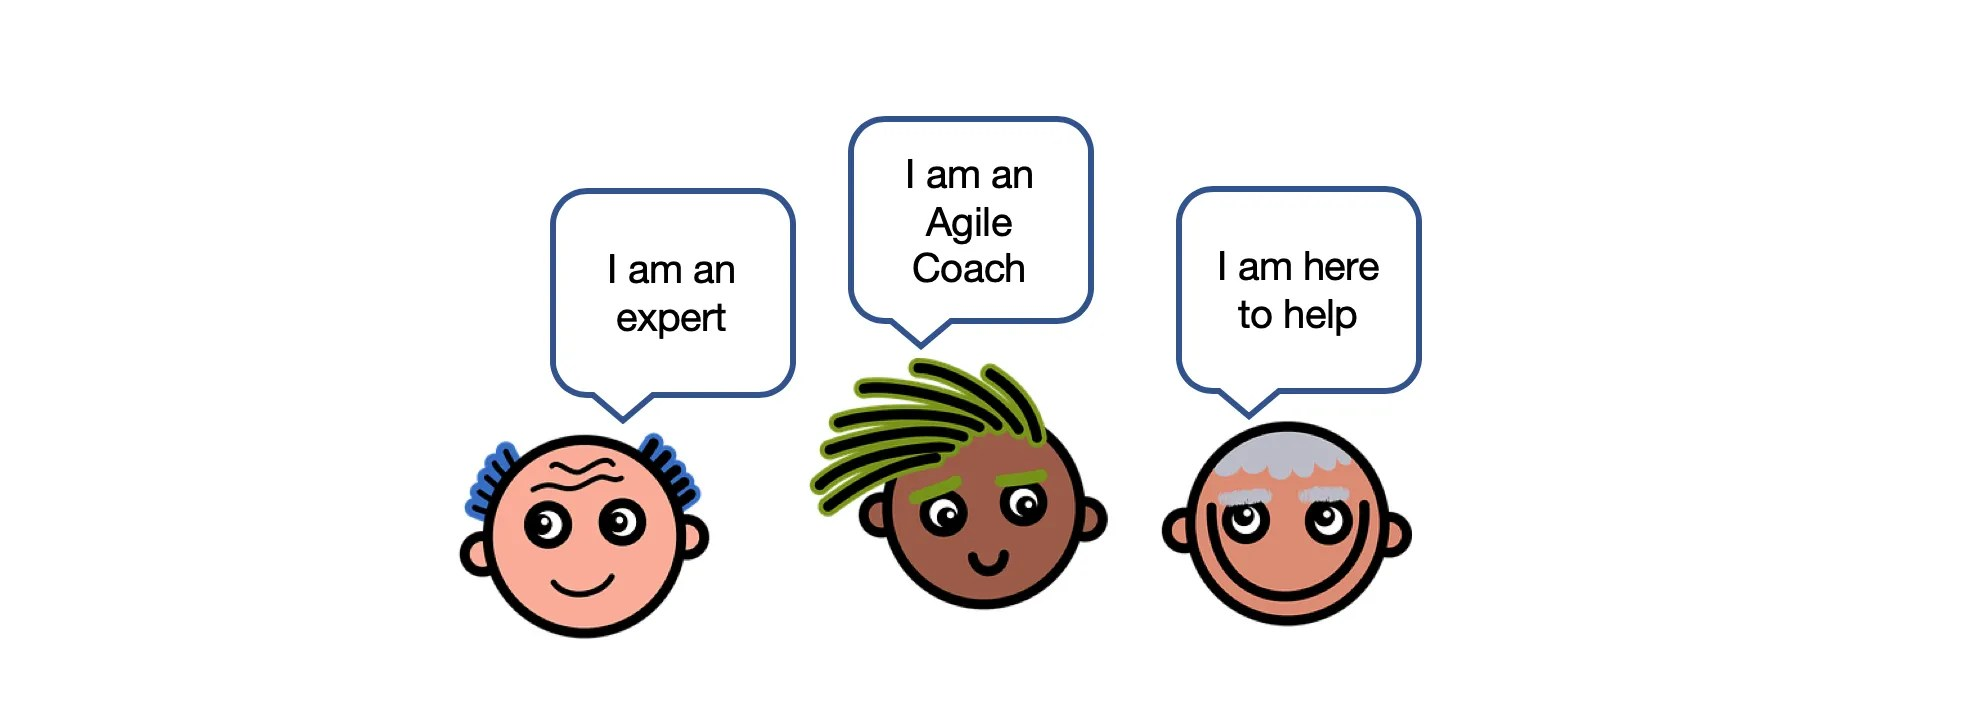 Agile Coach Styles